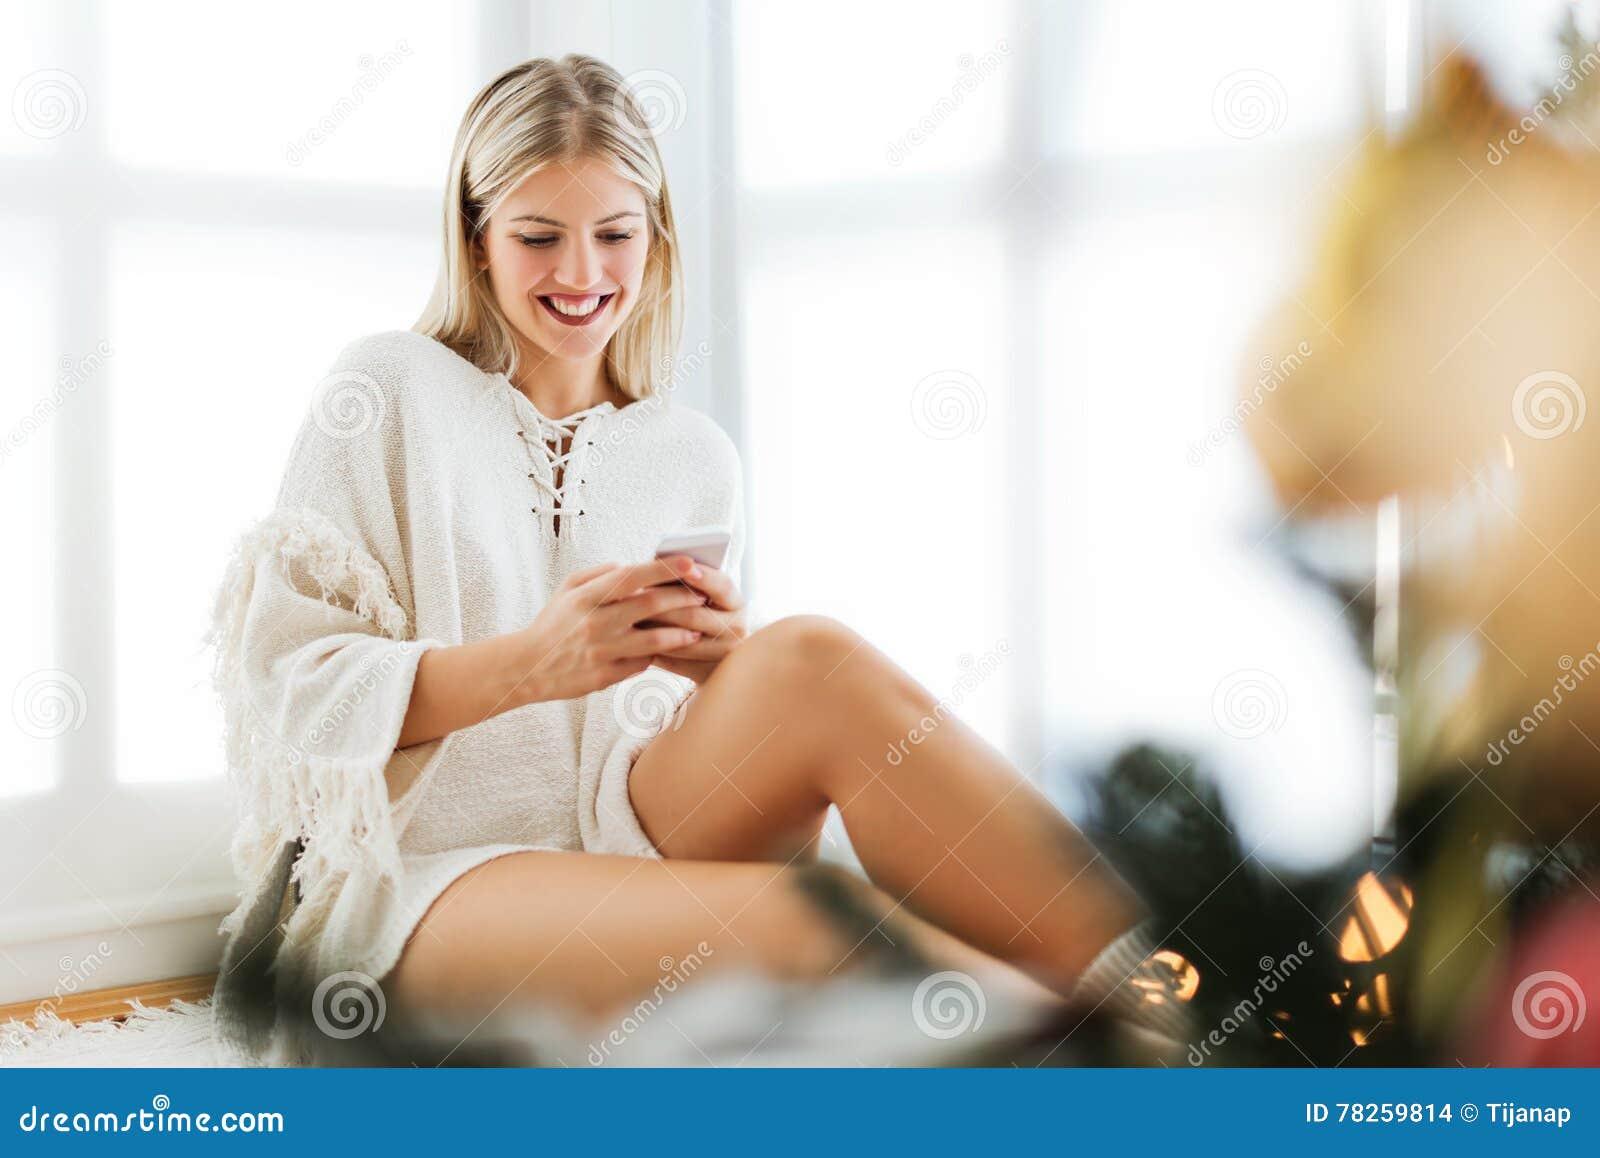 Χαριτωμένη, νέα συνεδρίαση γυναικών δίπλα σε ένα χριστουγεννιάτικο δέντρο, που χρησιμοποιεί ένα τηλέφωνο κυττάρων